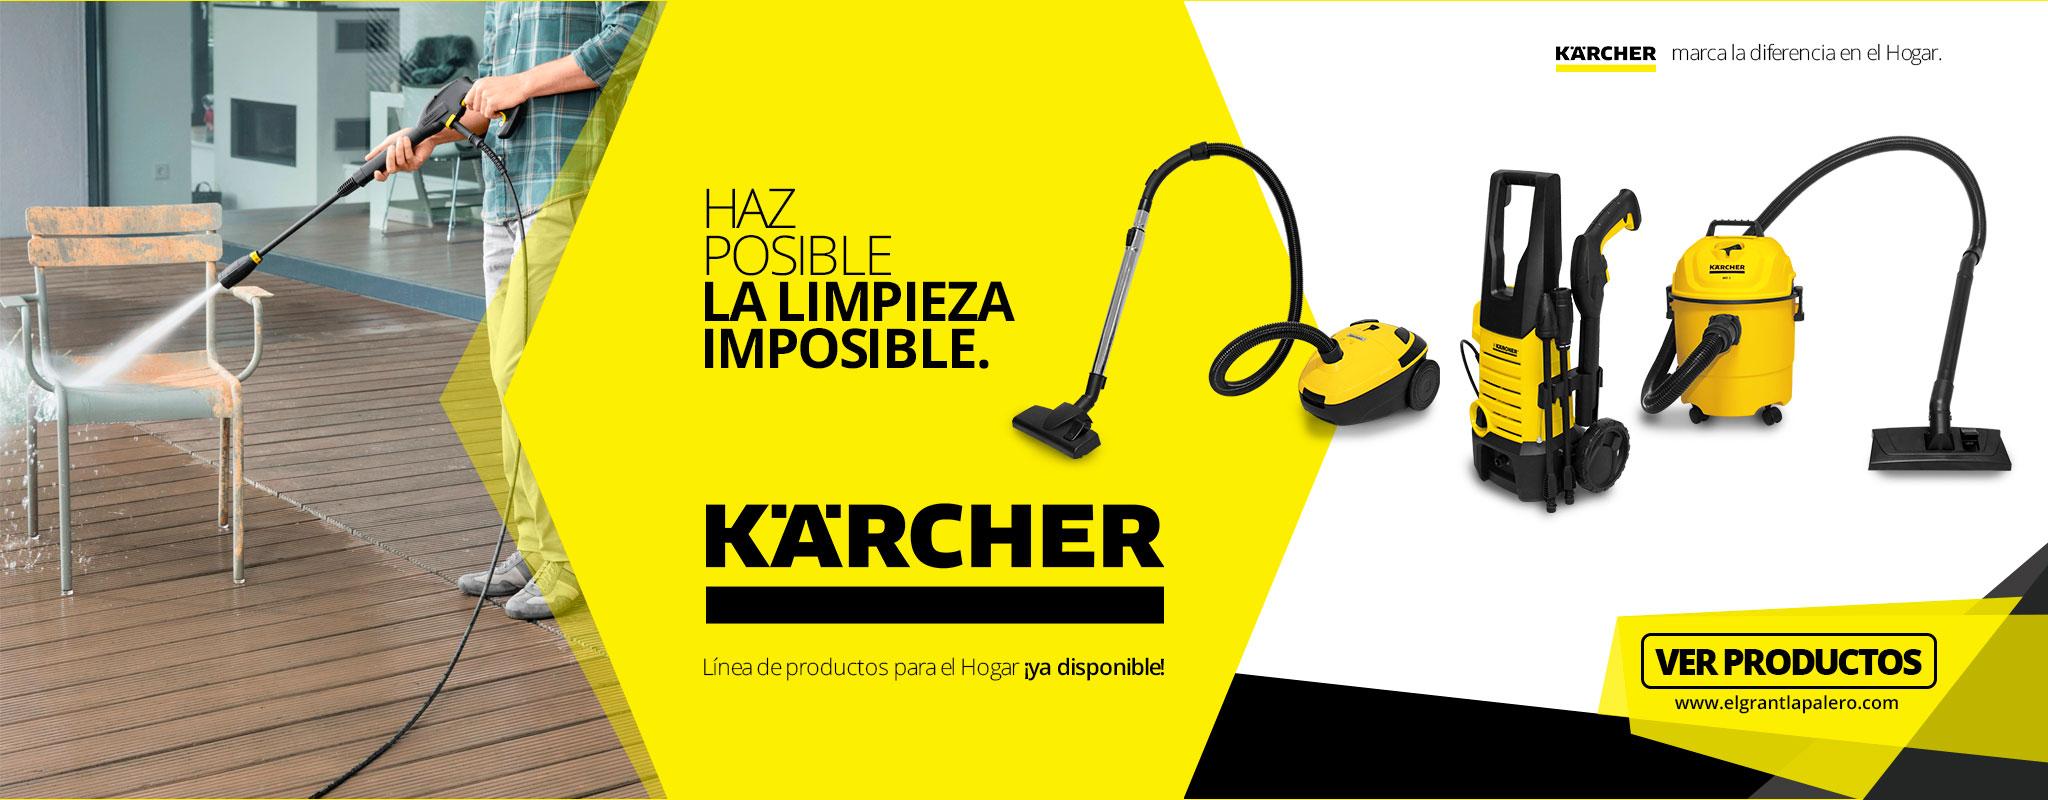 ¡Nueva línea de productos KARCHER ya disponibles aquí!